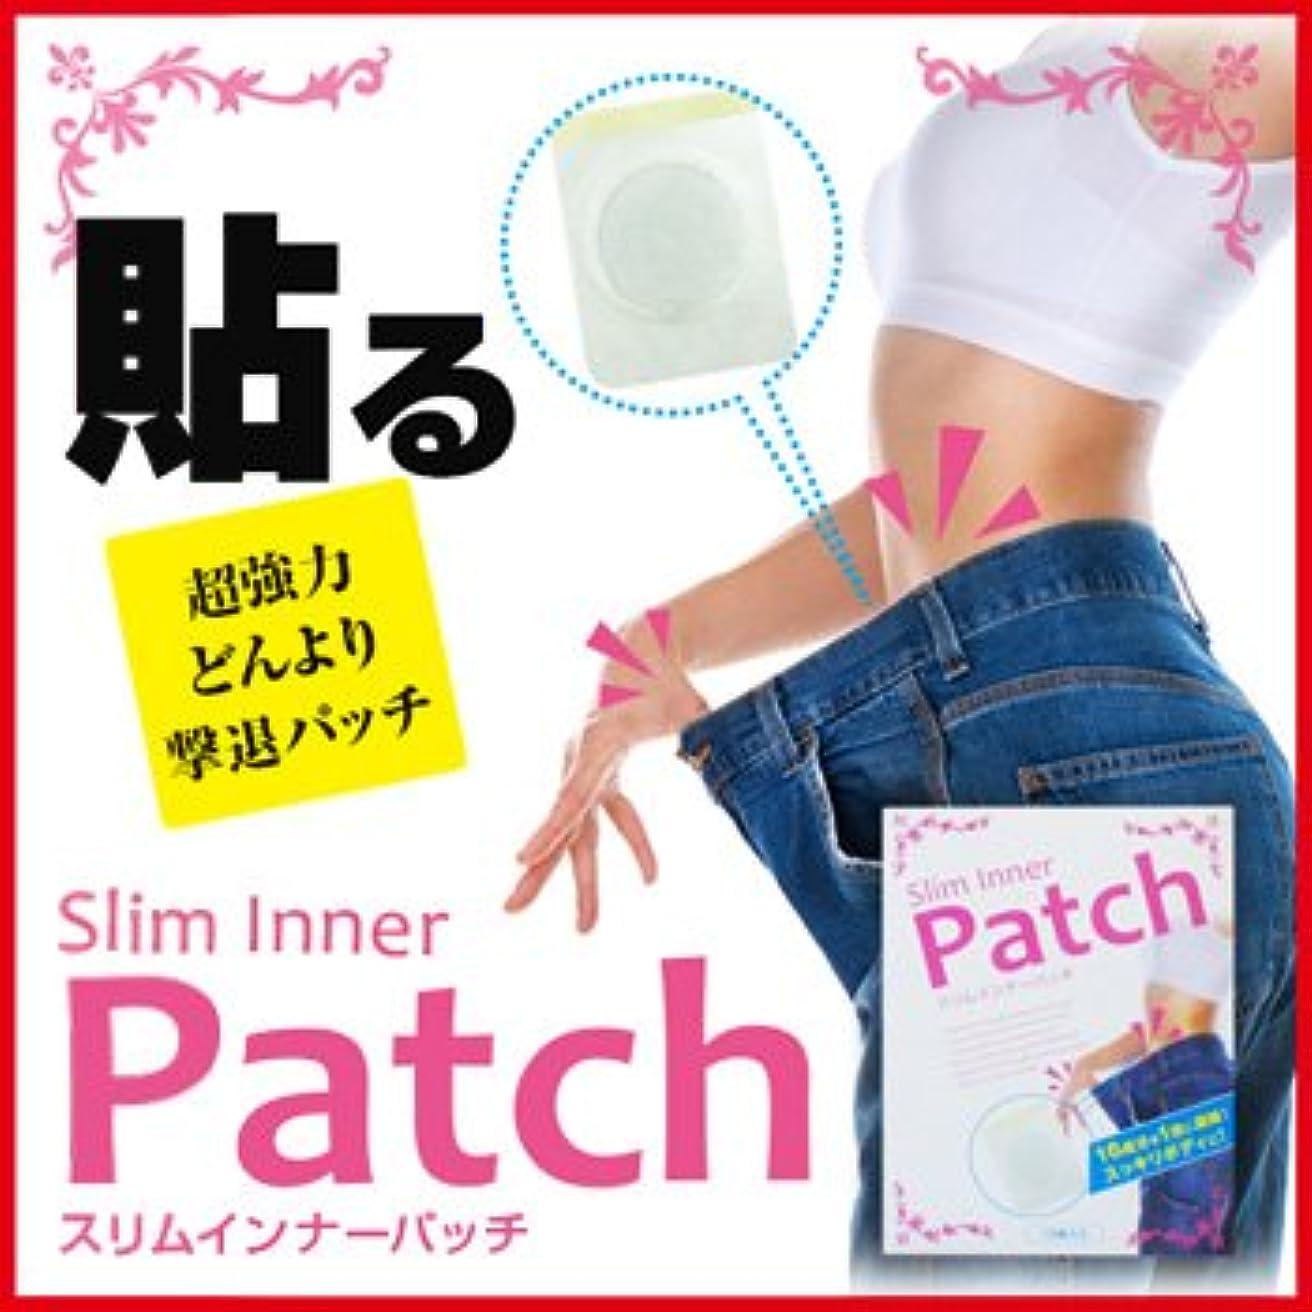 代名詞ほうきの頭の上Slim inner Patch(スリムインナーパッチ)